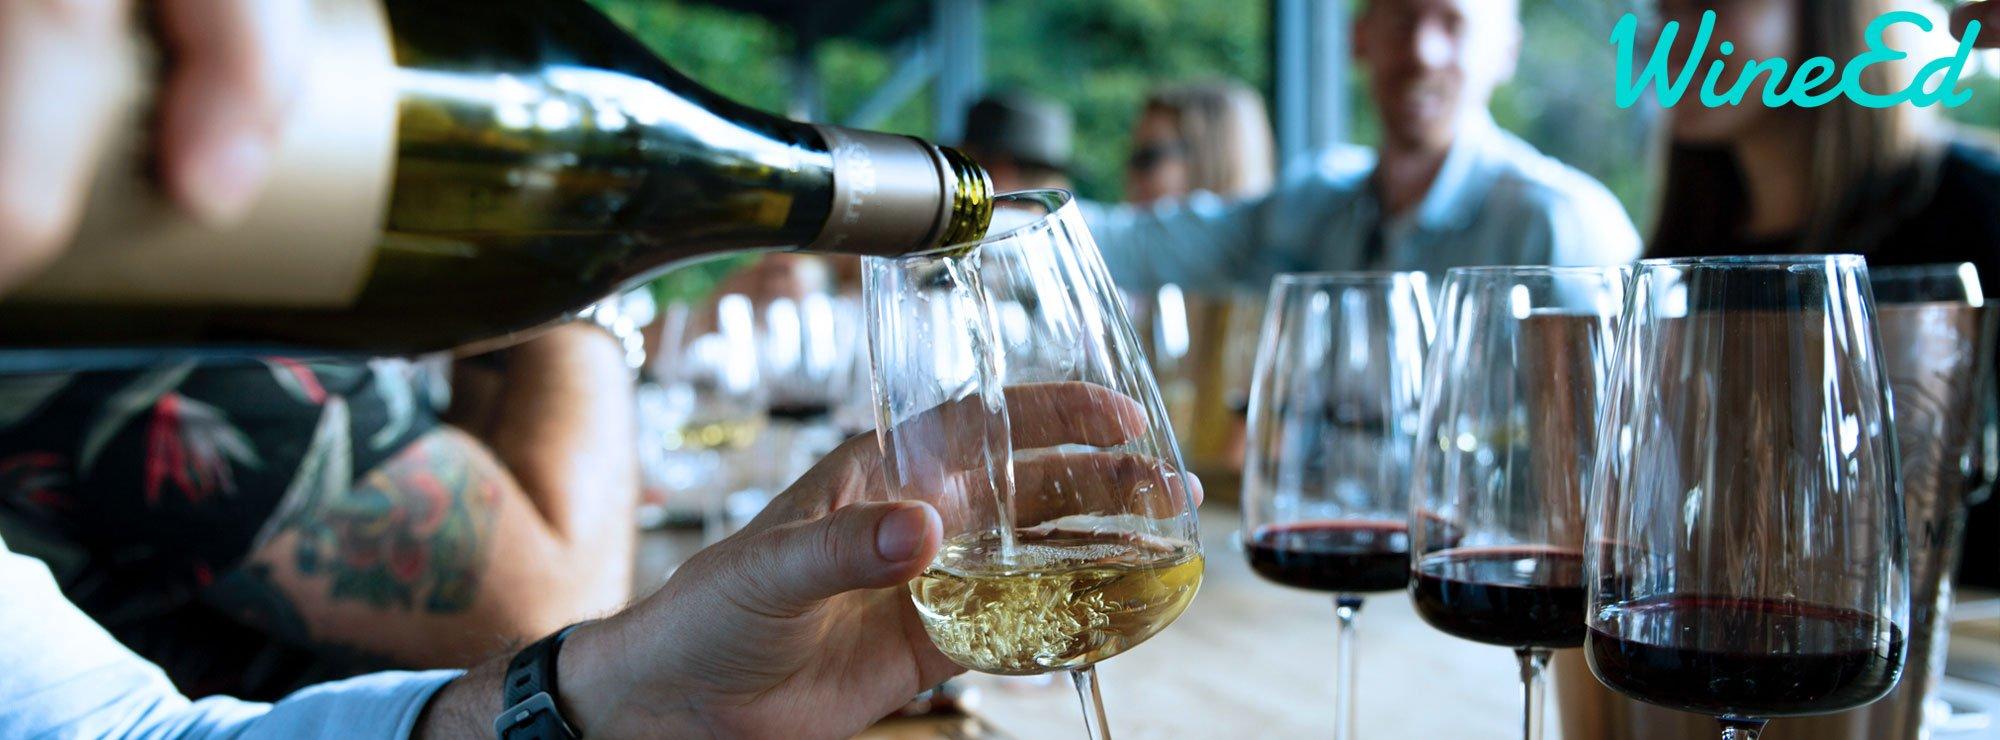 wineed ticket blog